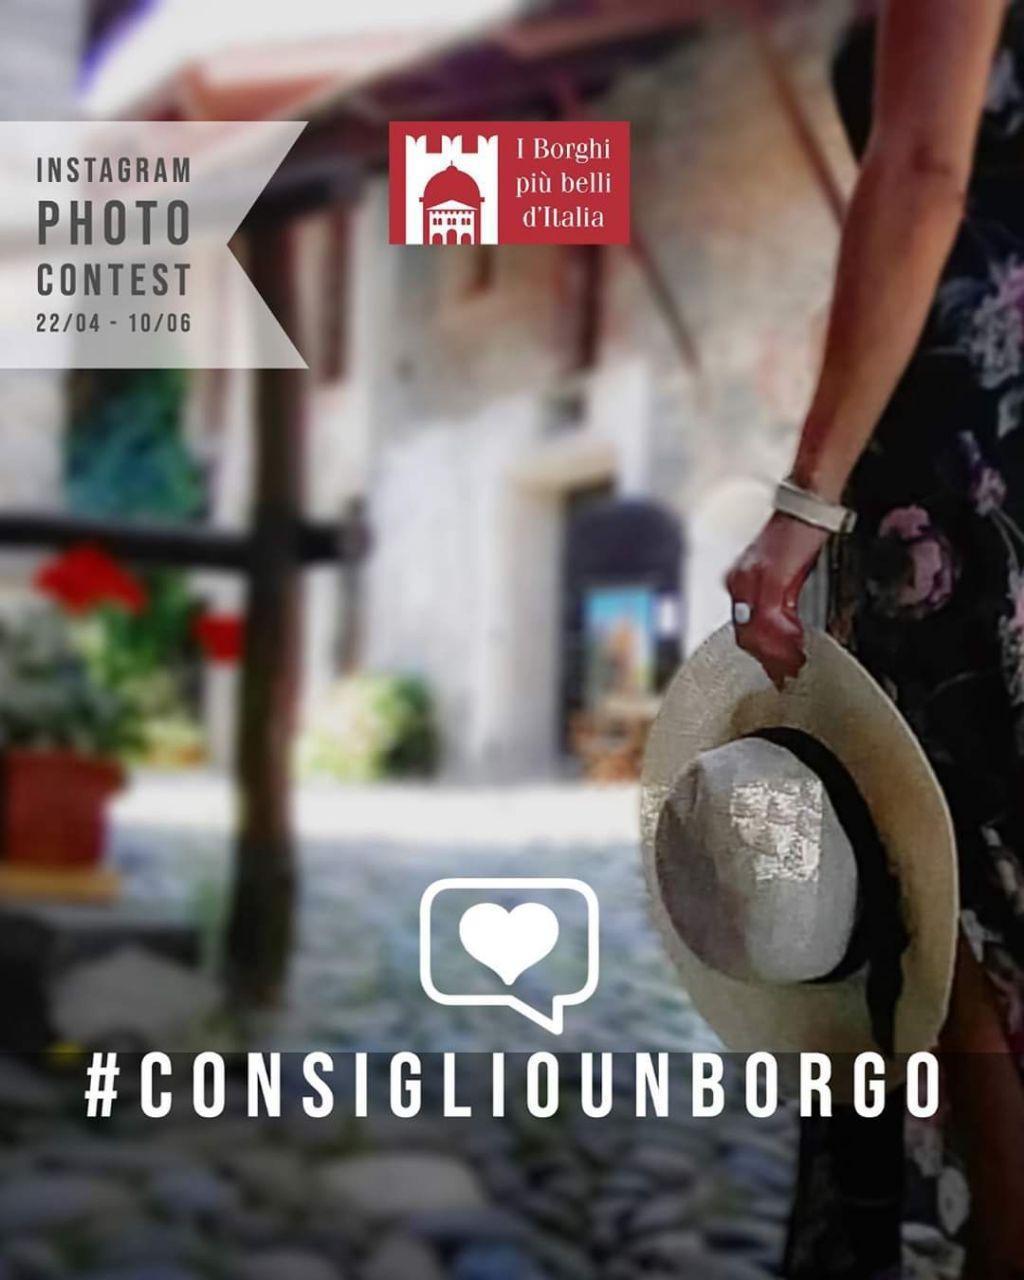 Tagliacozzo tra i borghi più belli d'Italia fra ripartenza e nuove forme di turismo post Covid-19